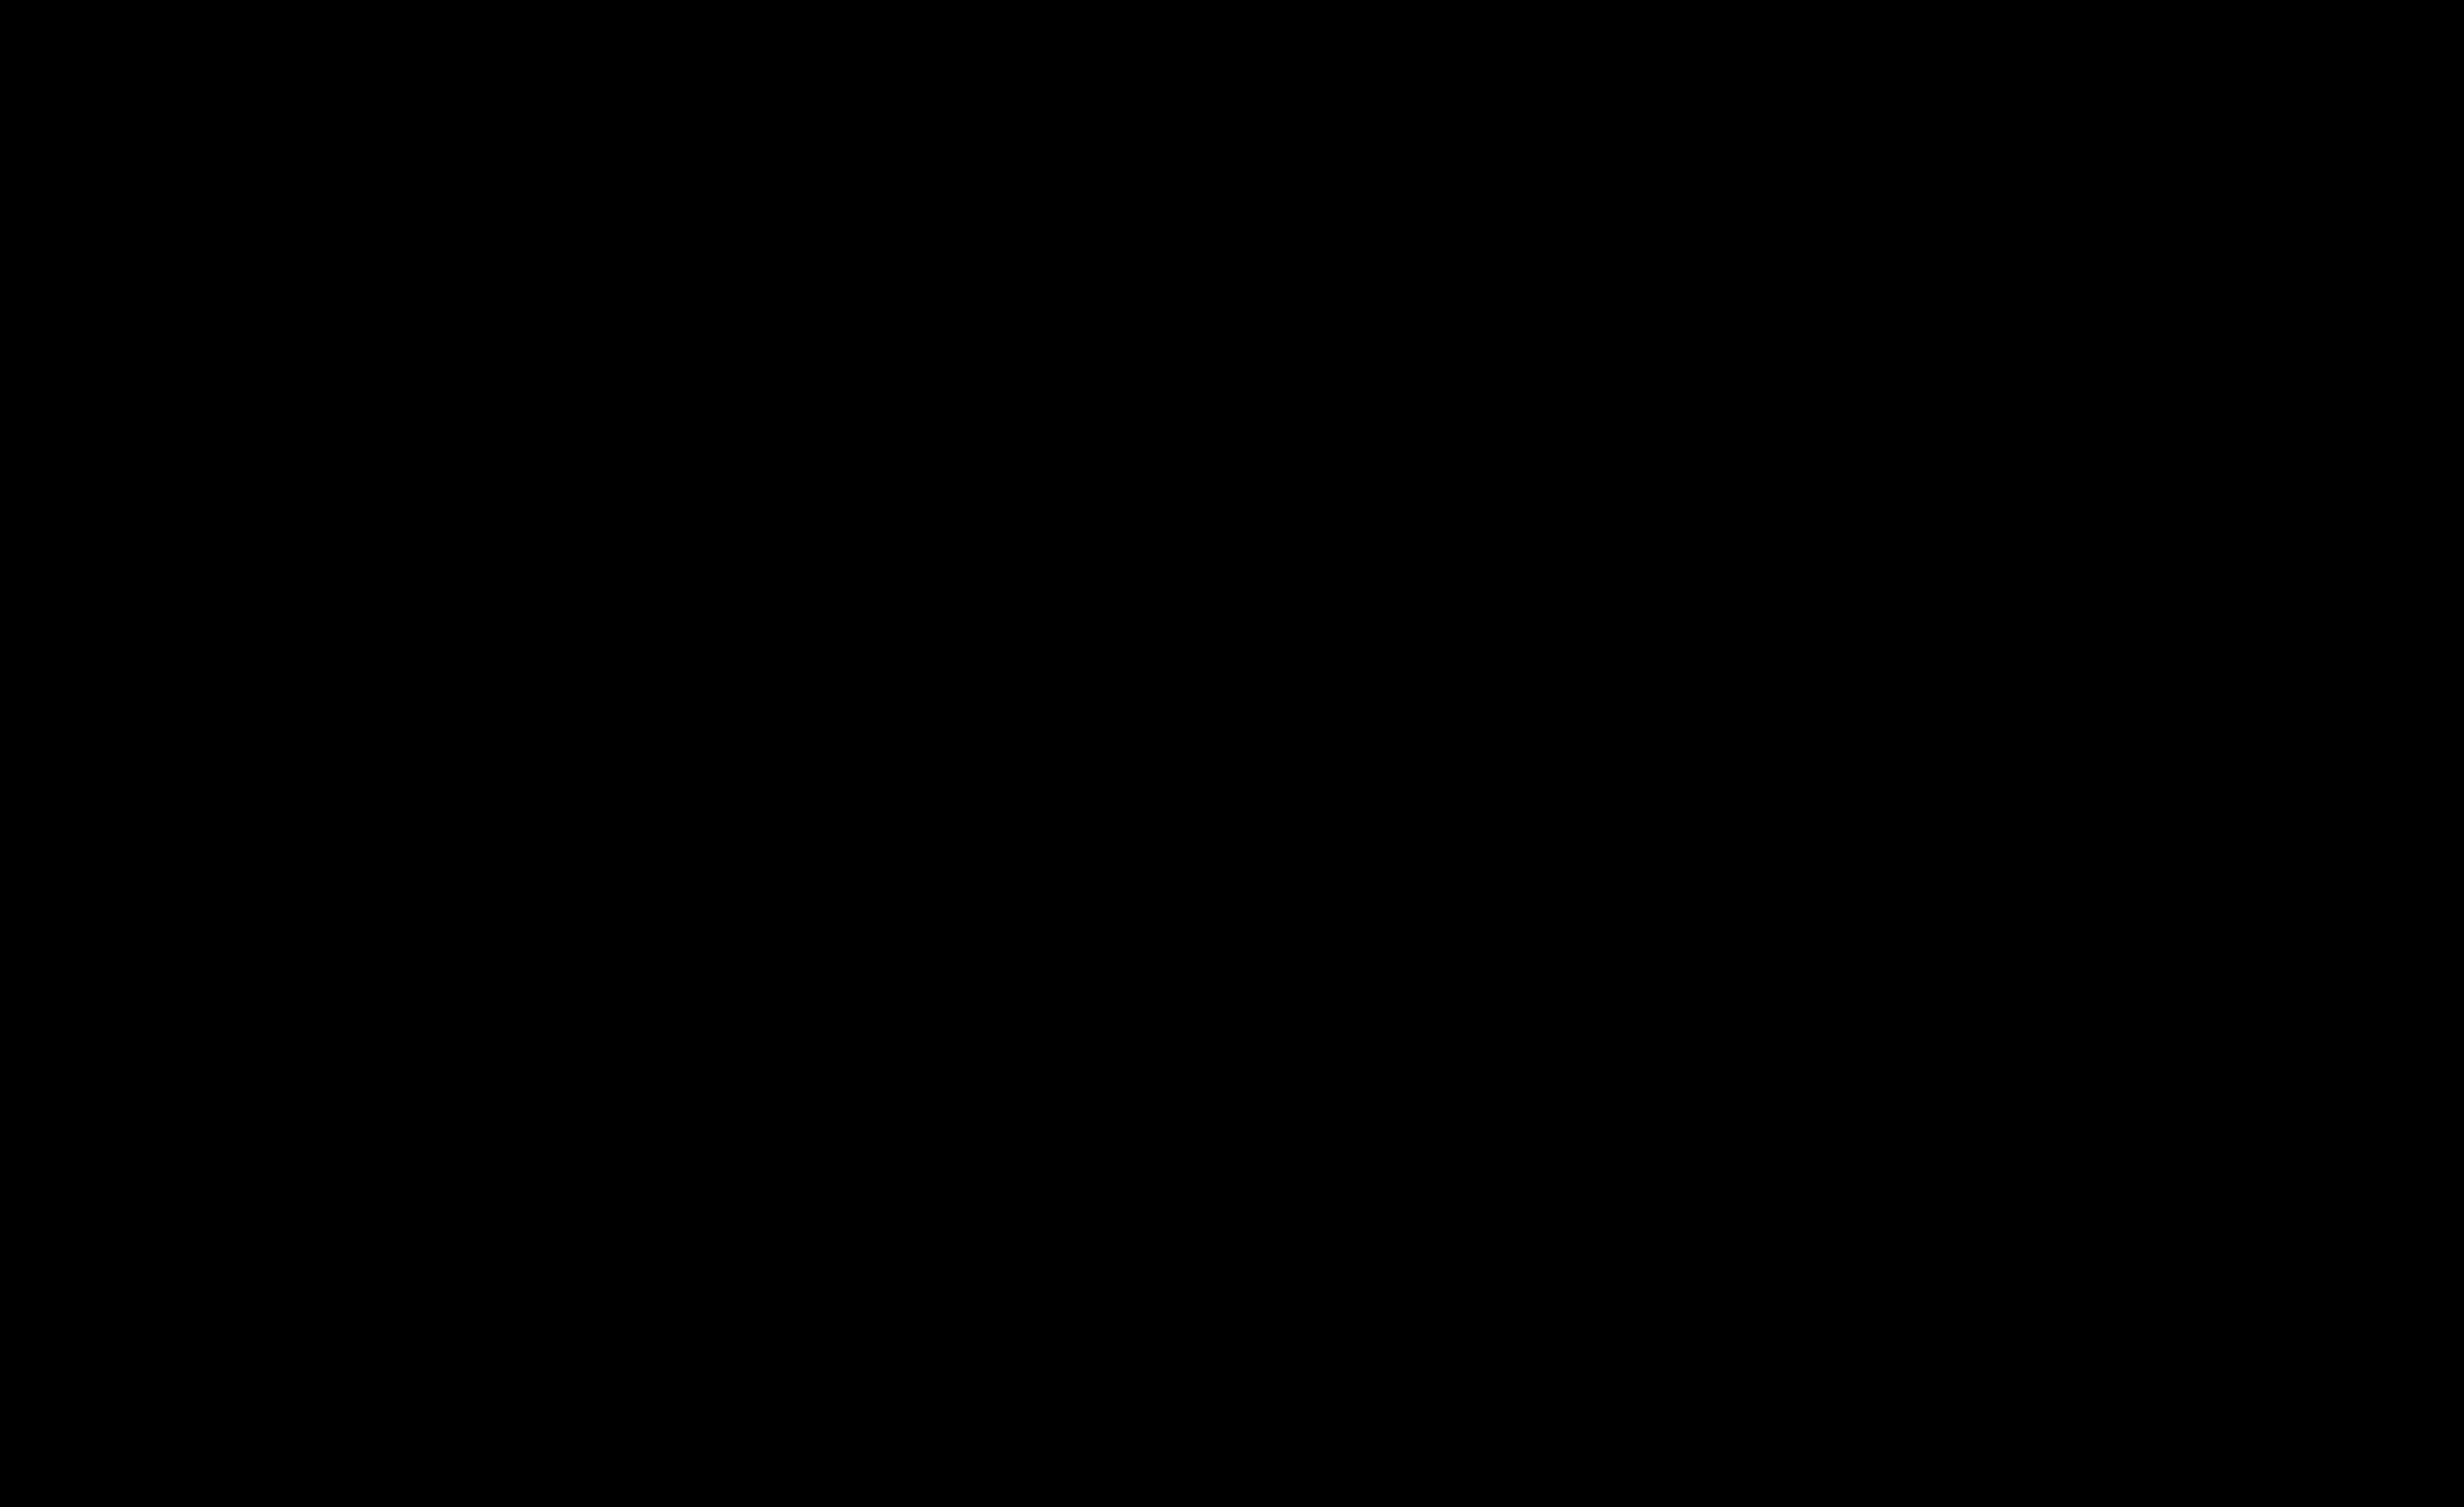 5316x3252 Air Force Clip Art